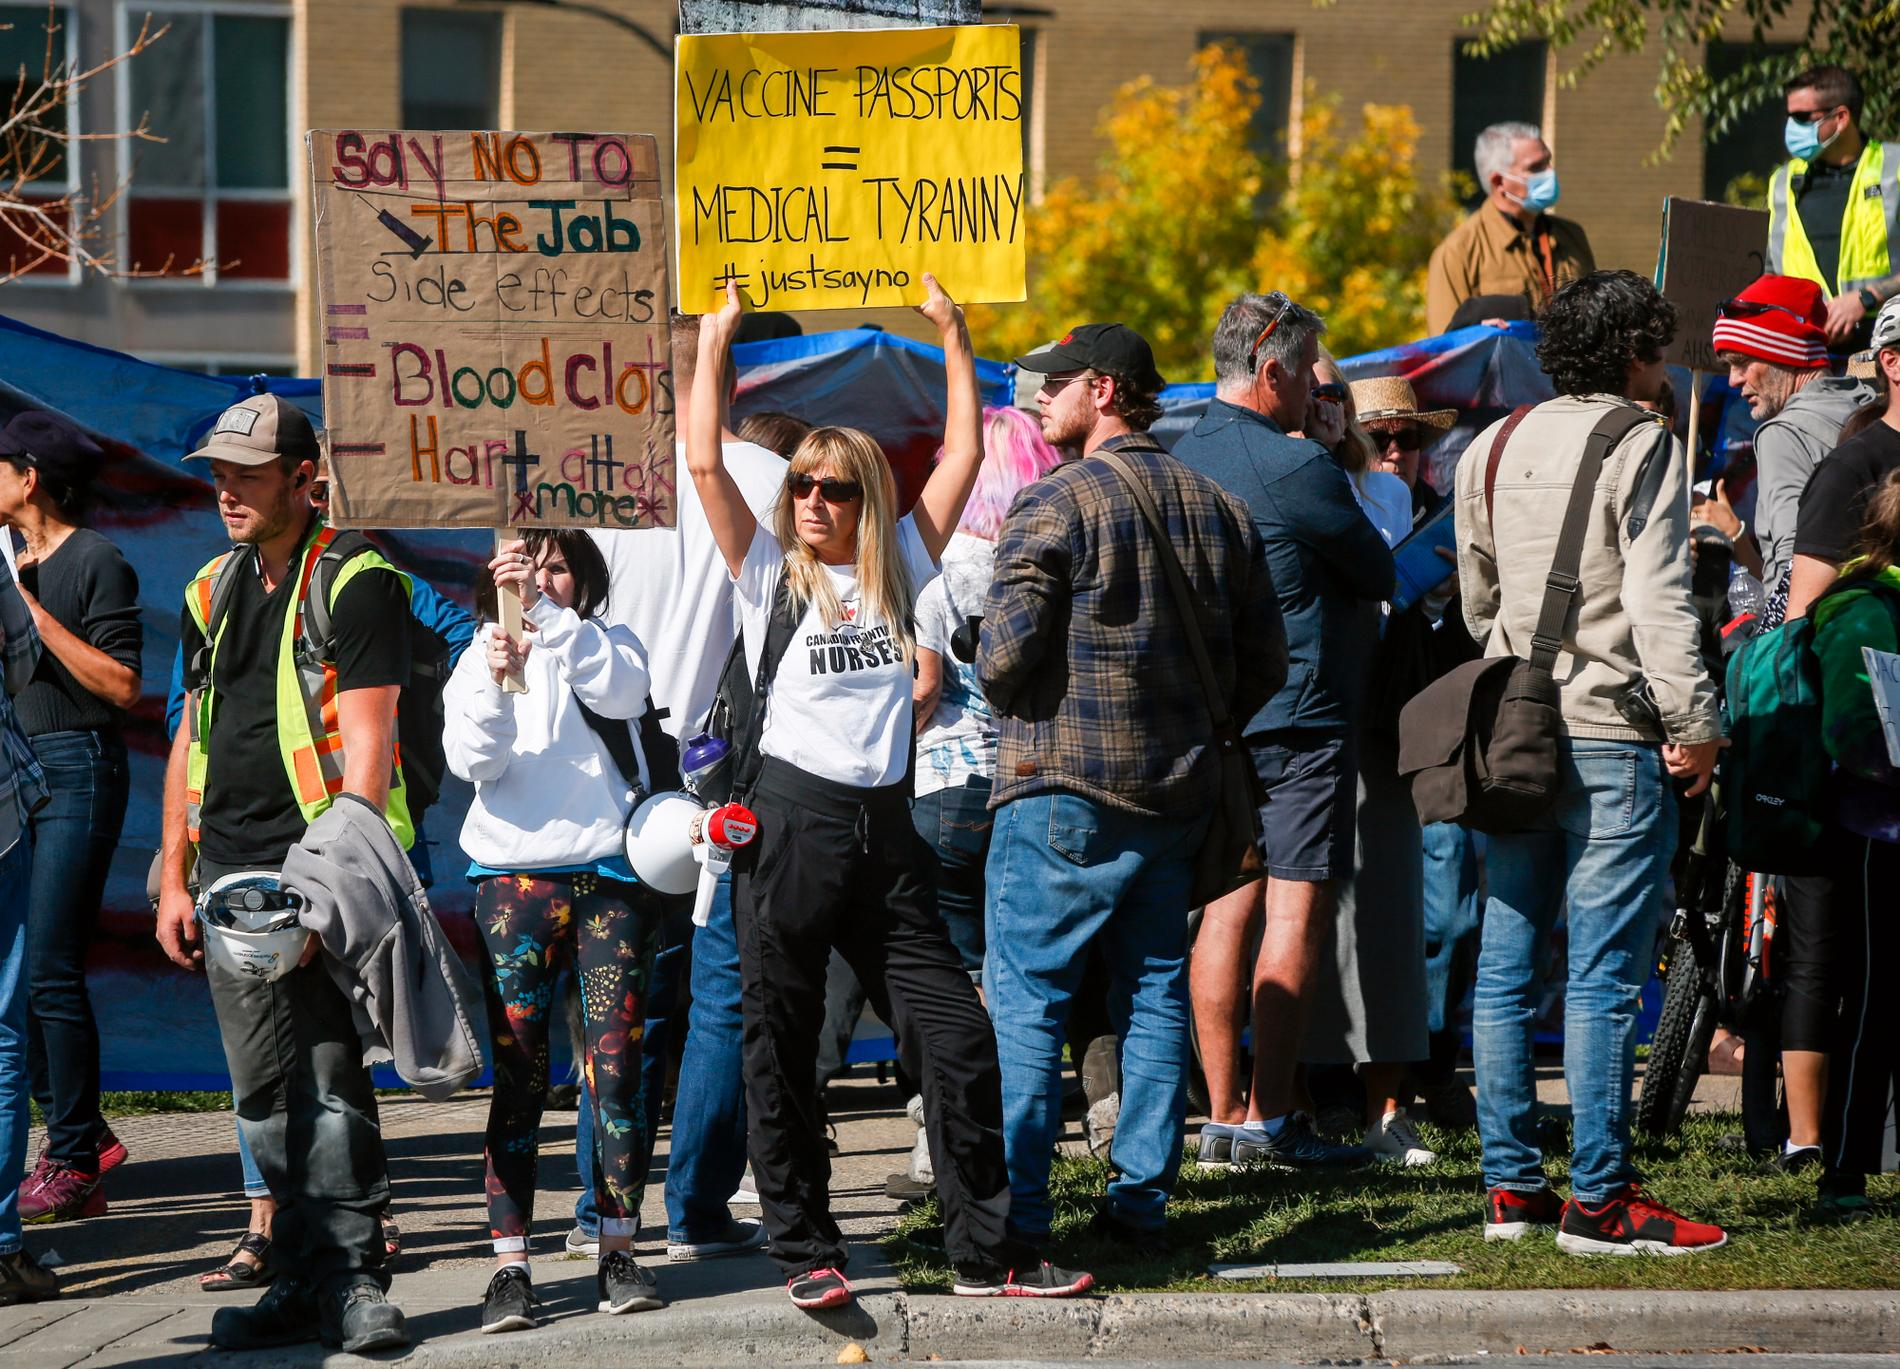 På flera håll i Kanada demonstreras det mot coronarestriktioner, vaccinpass och andra åtgärder. Här ett gäng som samlats utanför Foothills Hospital i Calgary, Alberta.